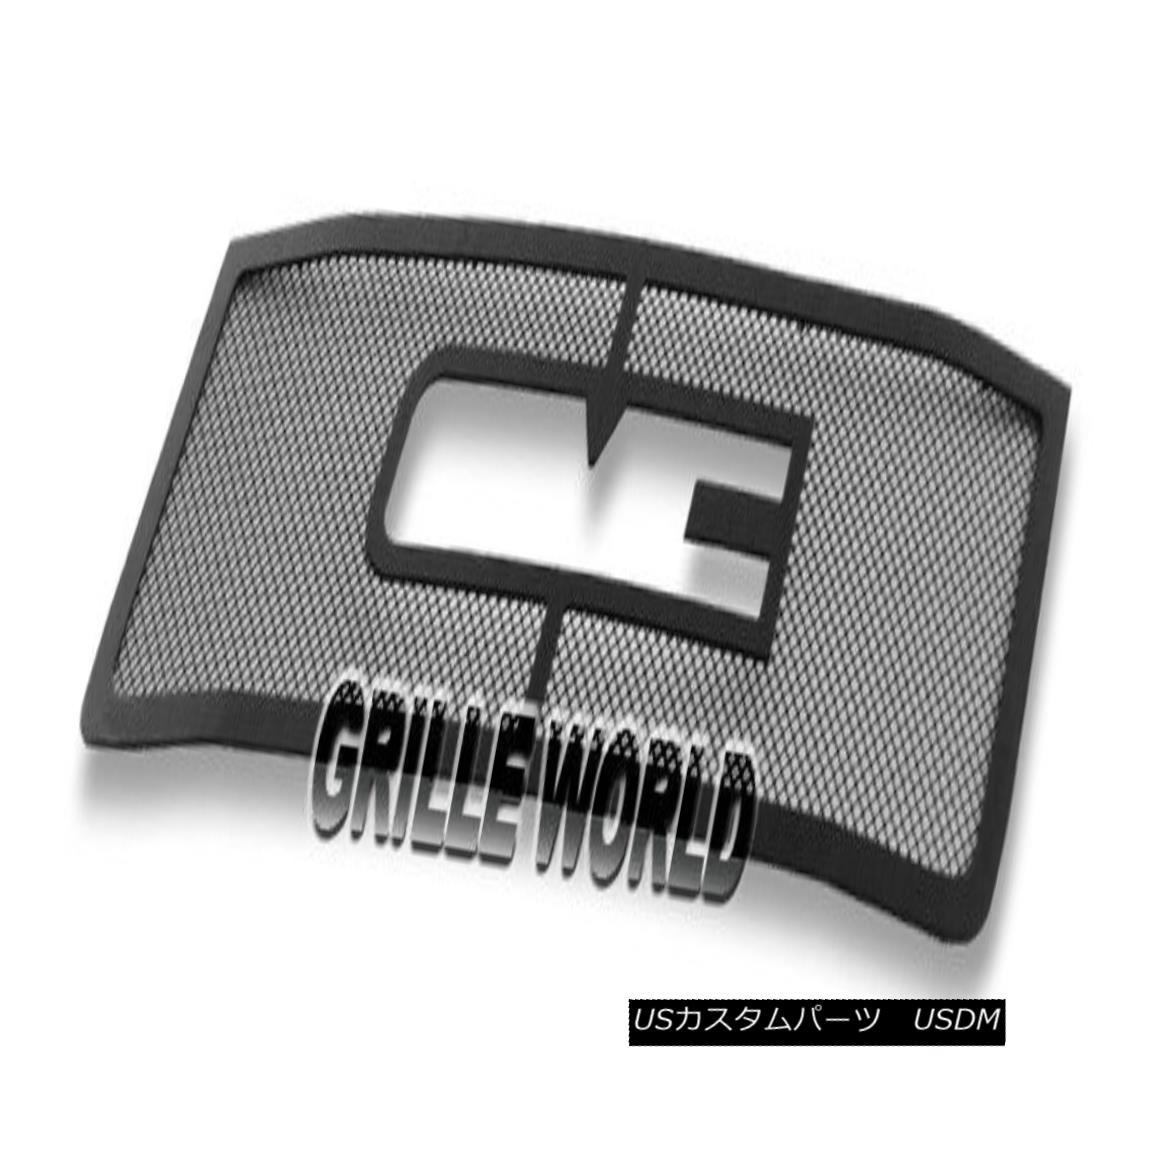 グリル 2011-2014 GMC Sierra 2500 3500 HD Black Stainless Steel Mesh Premium Grille 2011-2014 GMC Sierra 2500 3500 HDブラックステンレススチールメッシュプレミアムグリル